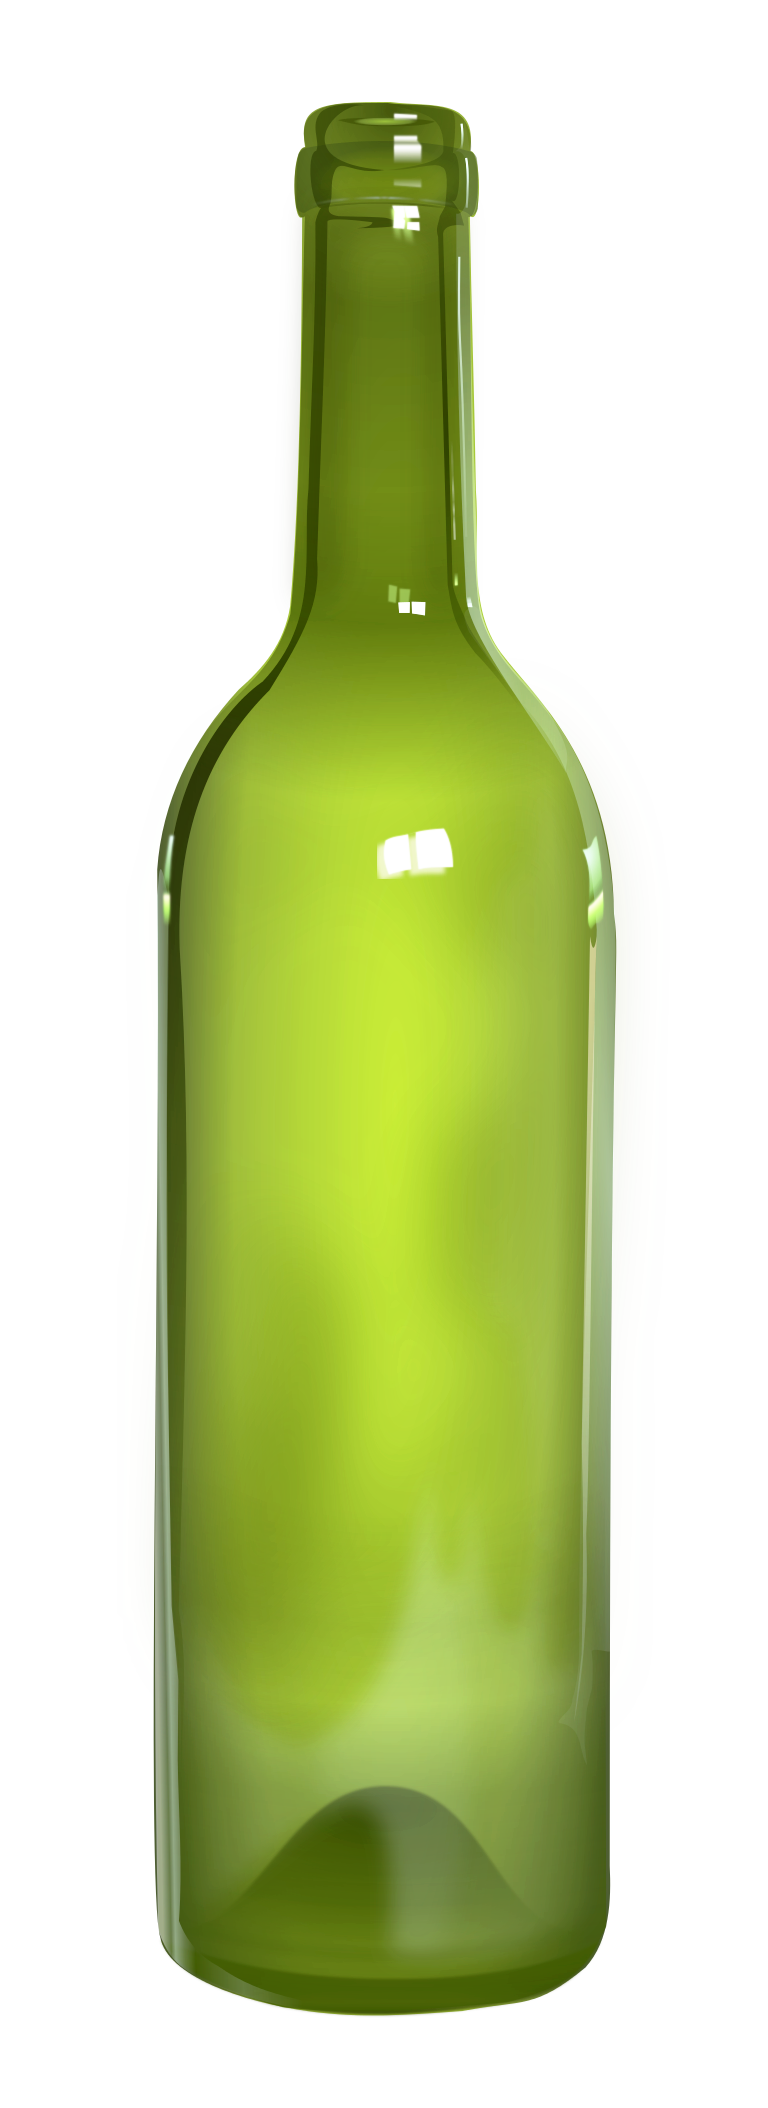 Png mart. Bottle clipart transparent background